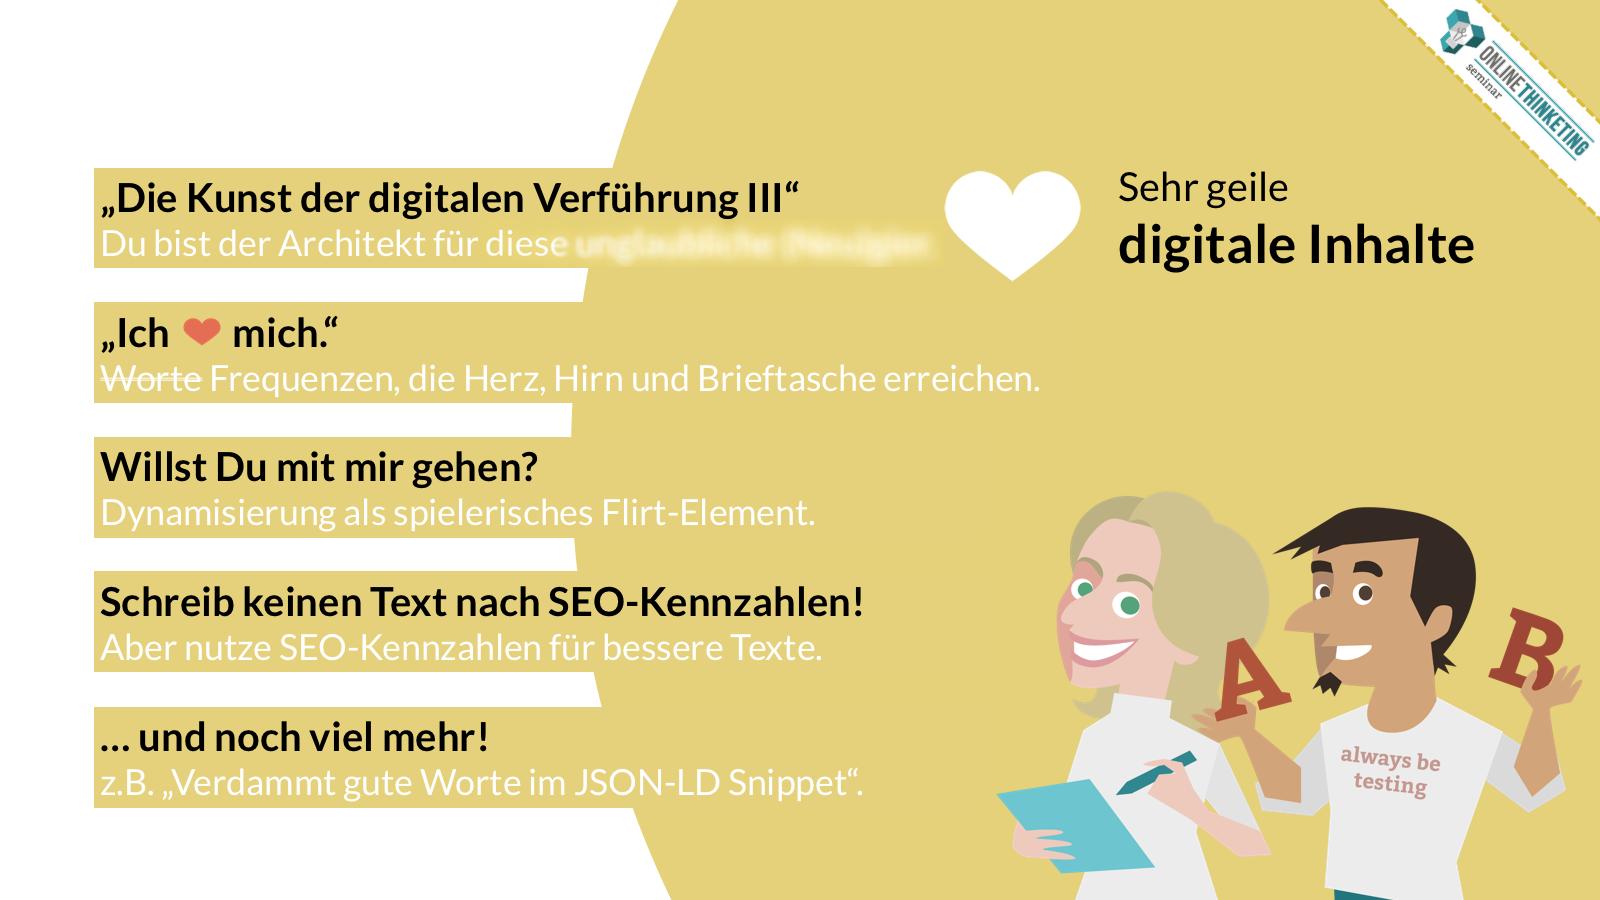 Onlinethinketing Online Marketing Seminar: Exzellentes technisches SEO und sehr geile digitale Inhalte.